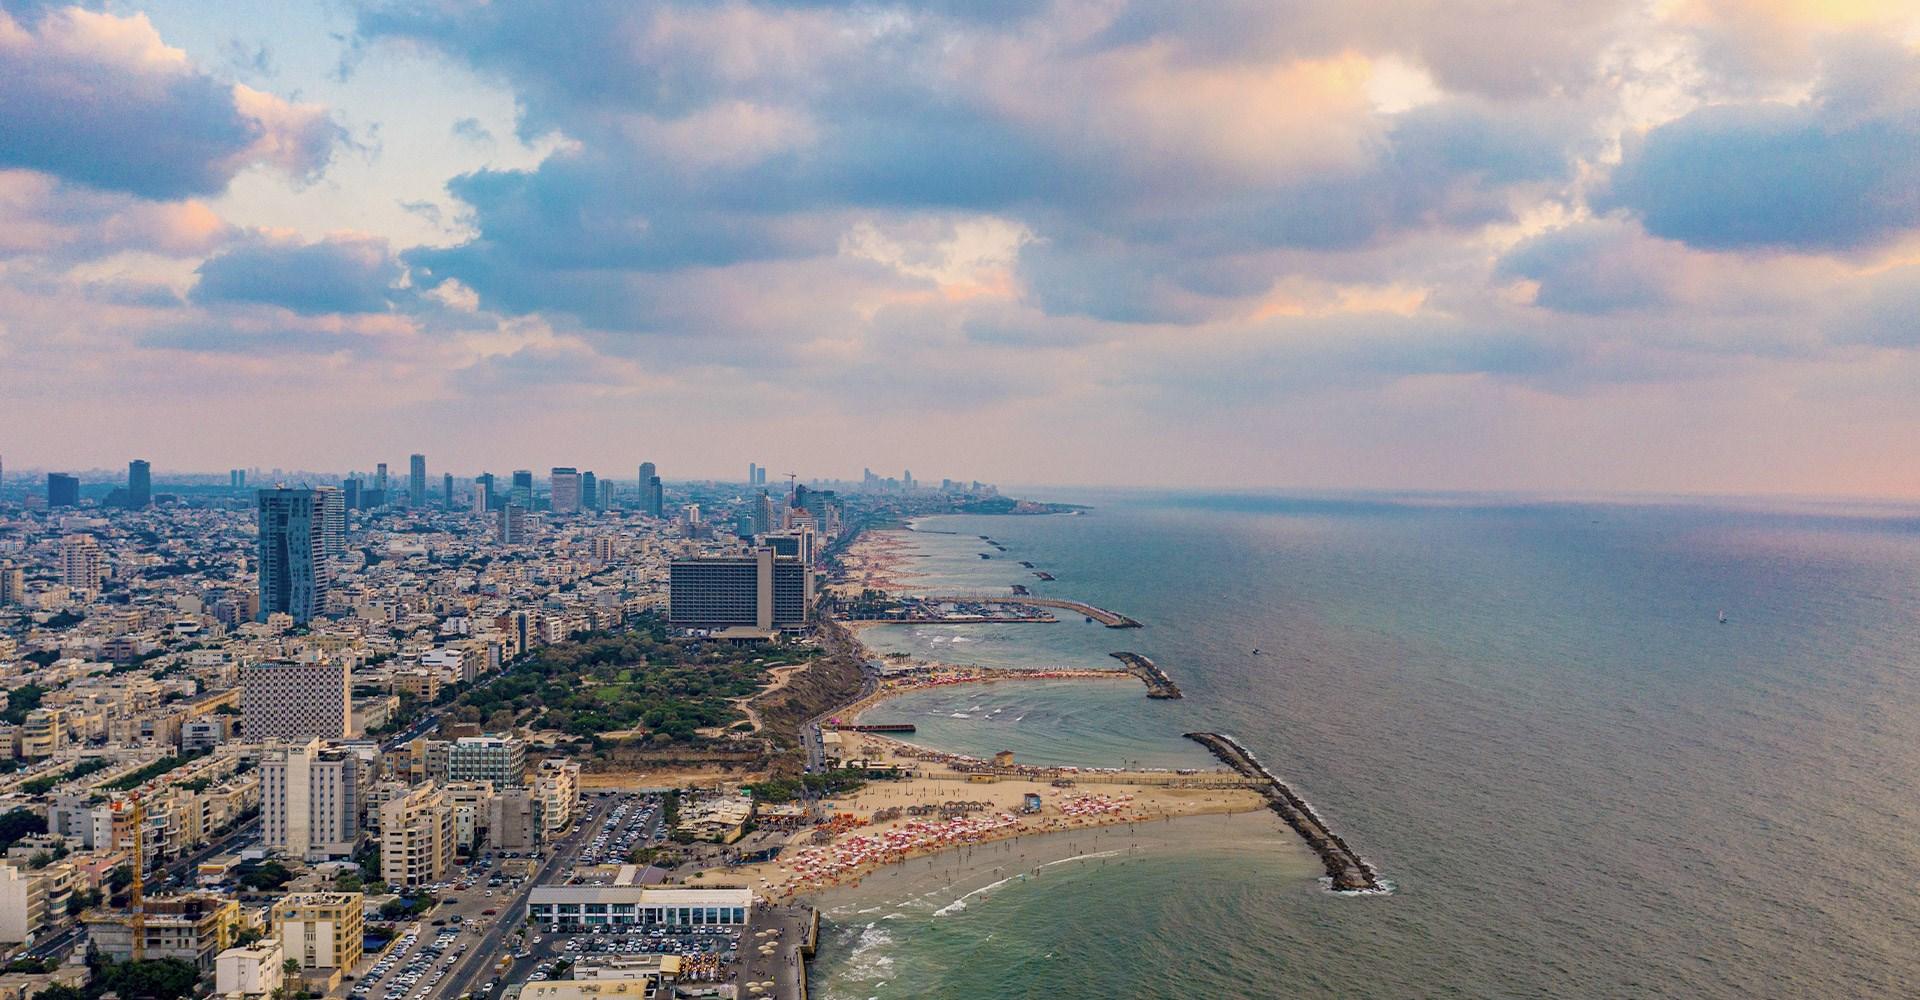 מלון מטרופוליטן תל אביב | מלון בתל אביב ליד הים